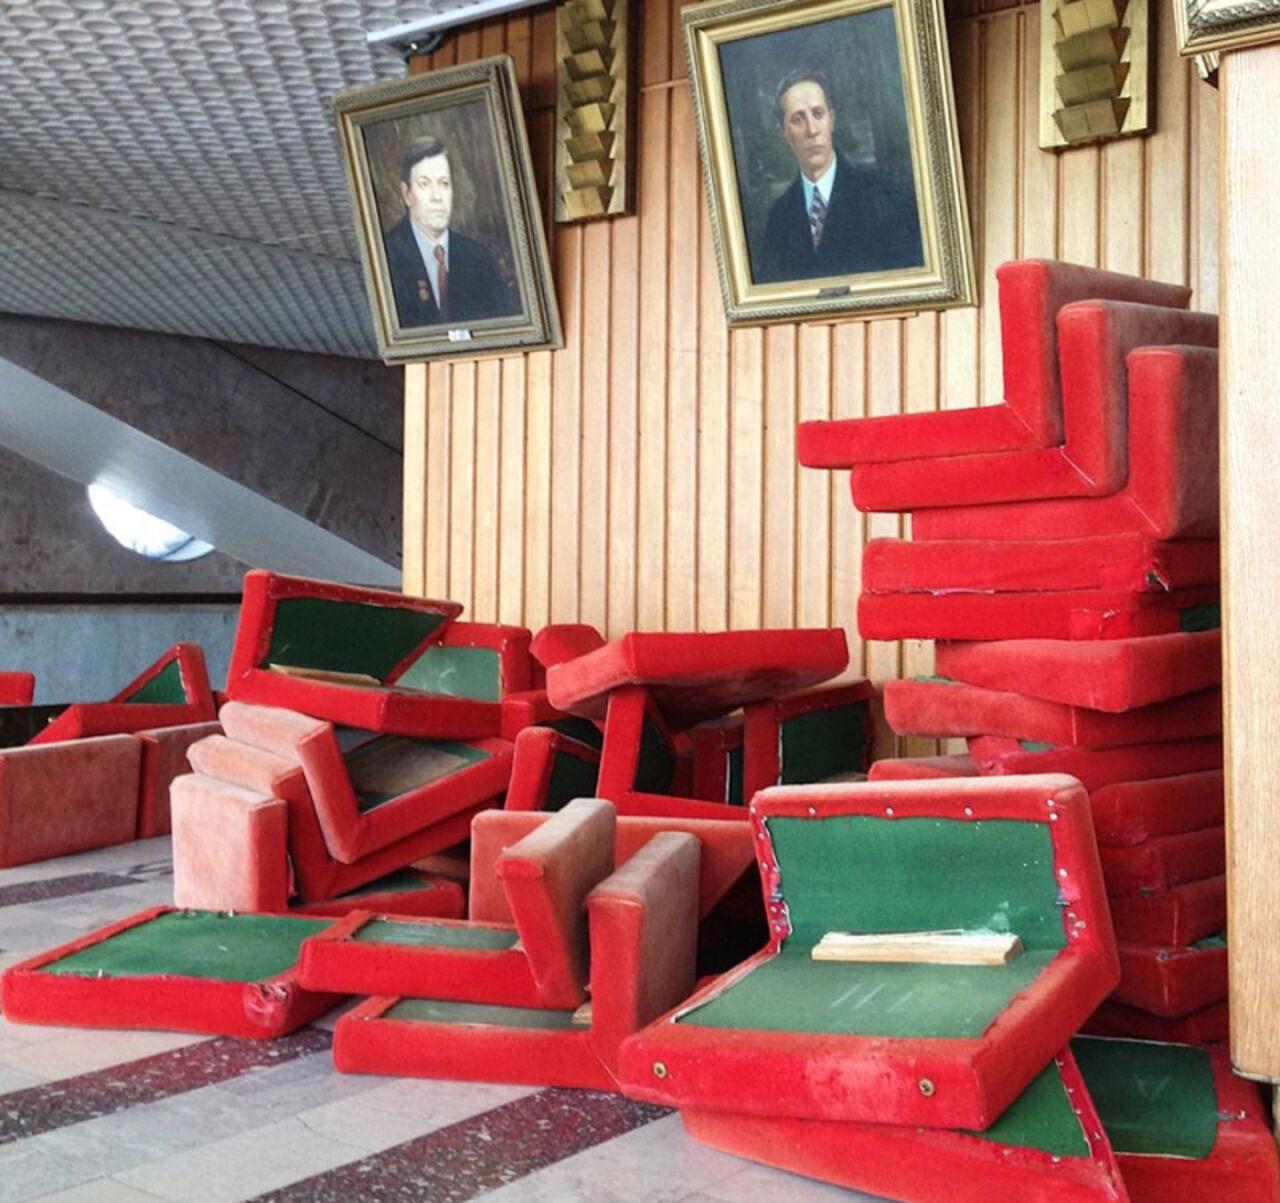 ВОмске старт сезона музыкального театра сорвался из-за кресел